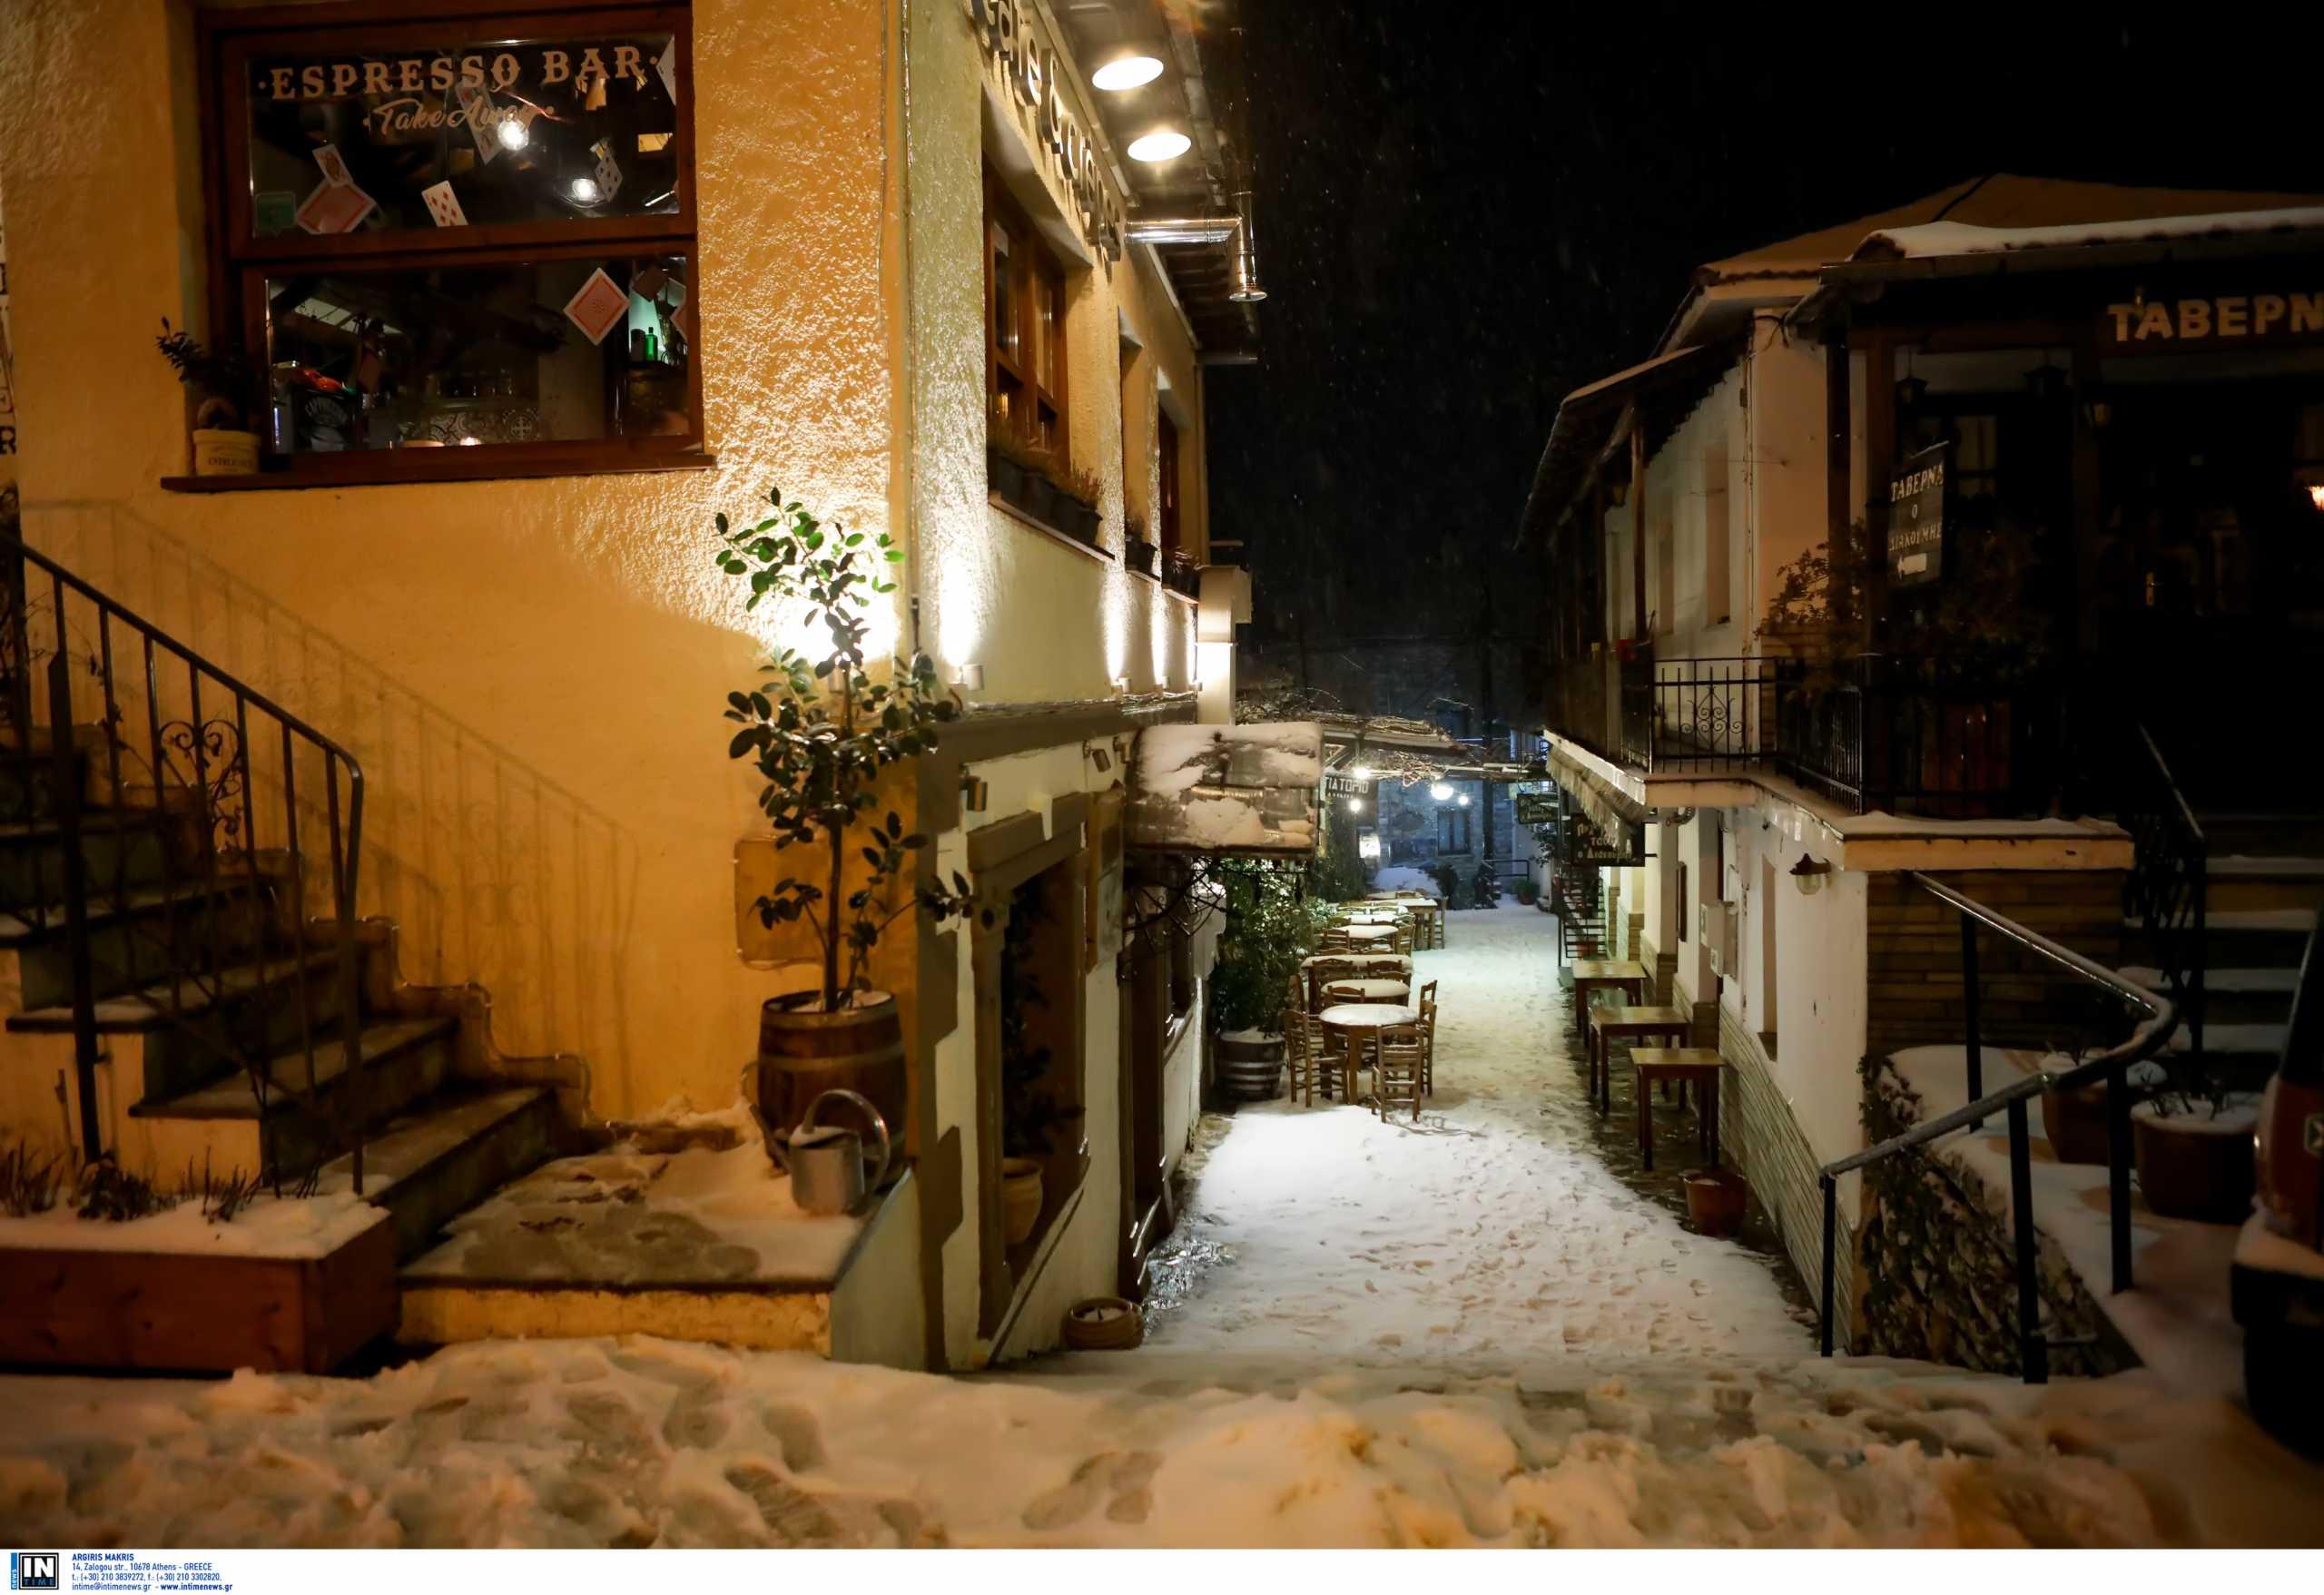 Κορονοϊός: Κρατήσεις σε βίλες και σαλέ για το πρώτο τριήμερο μετά το lockdown